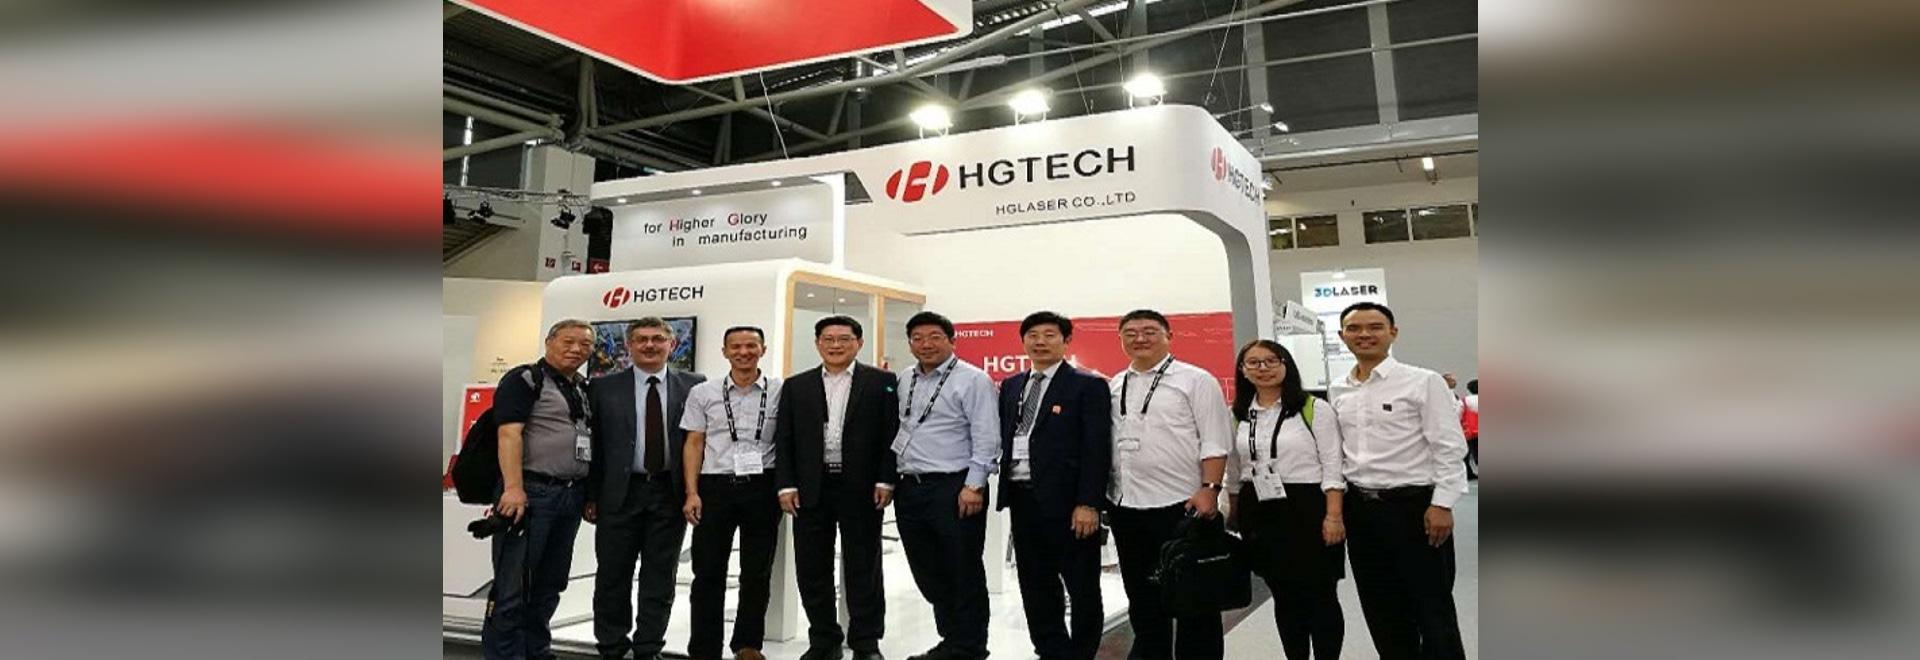 Meet HGTECH at Laser World of Photonics Munich